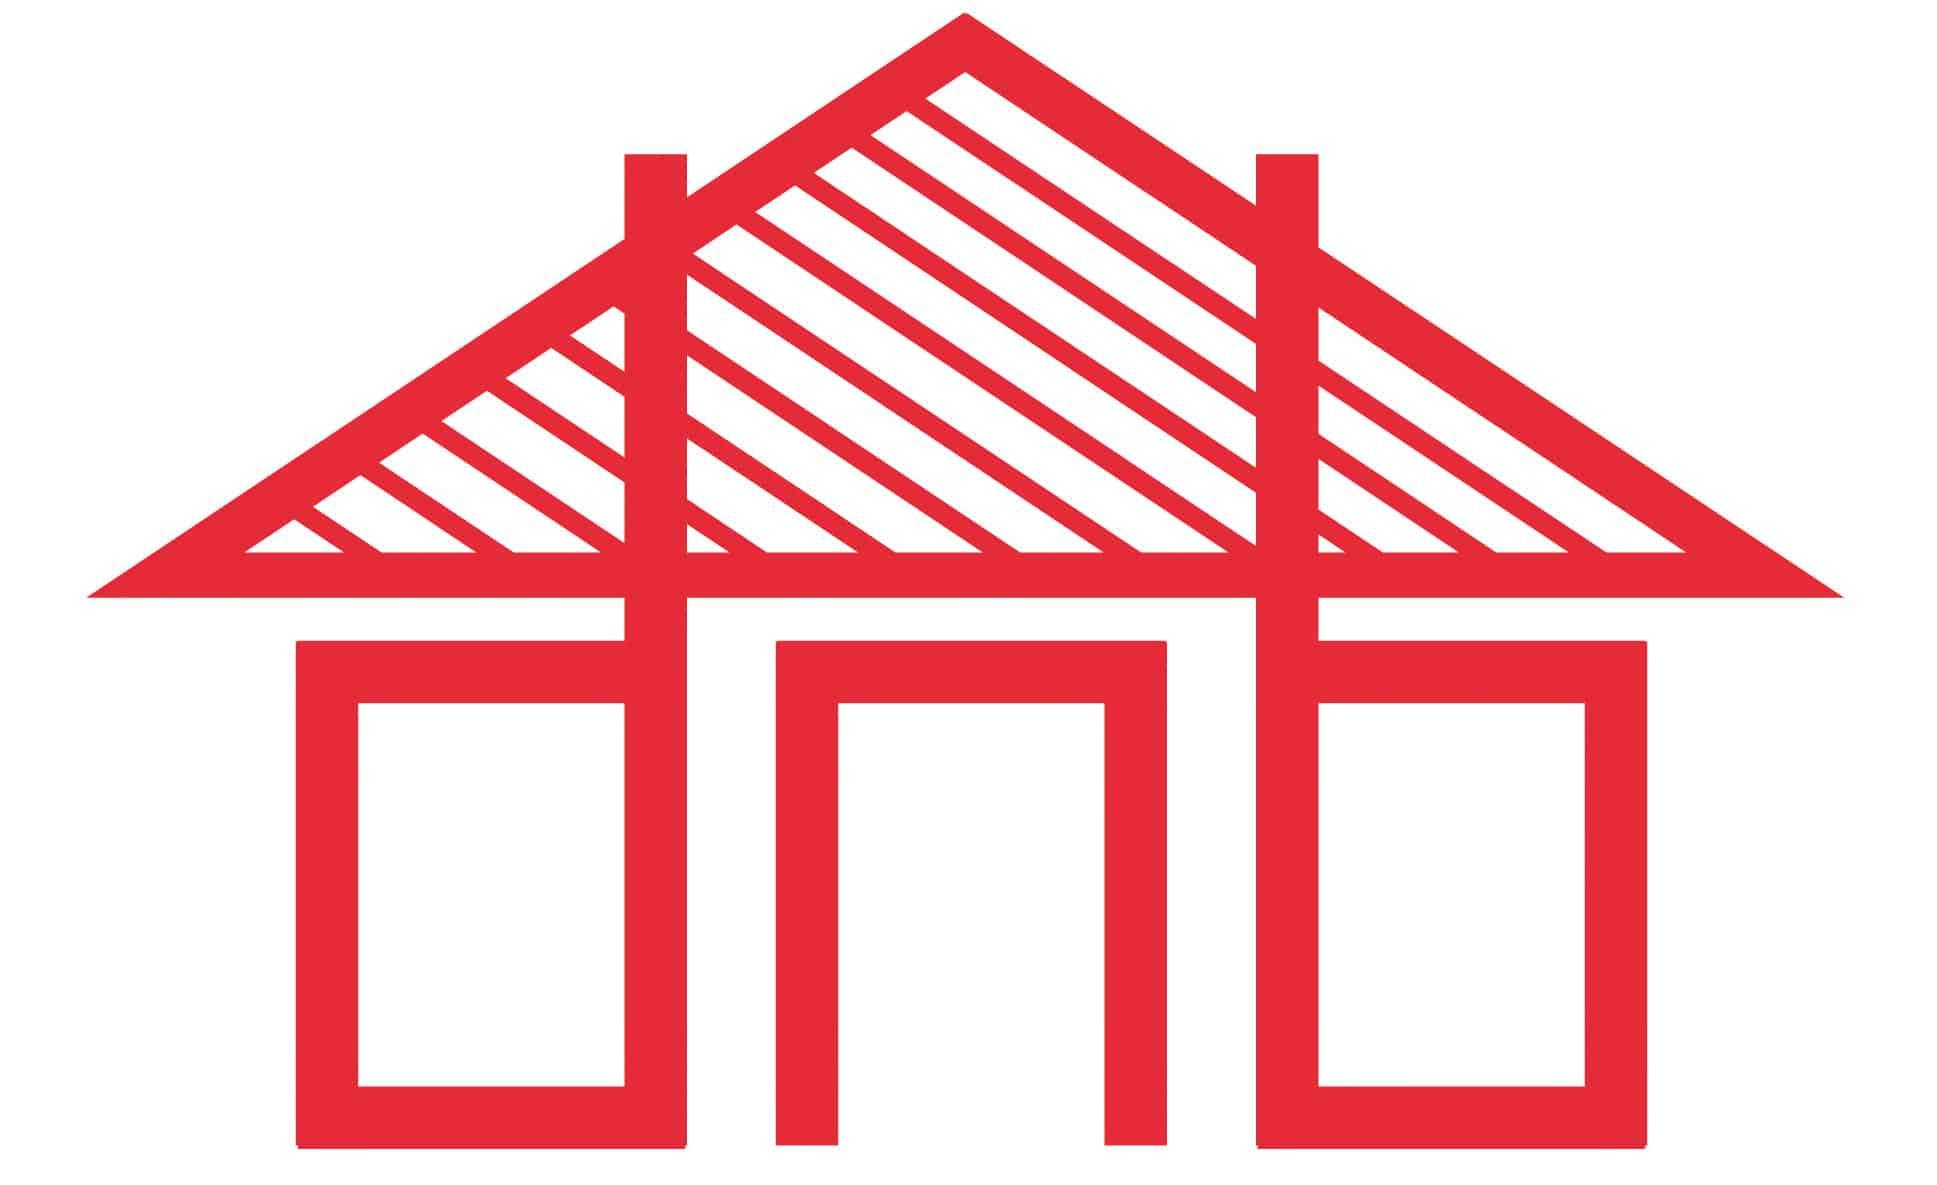 Logotyp för DNB Bygg & Fastighetsservice AB